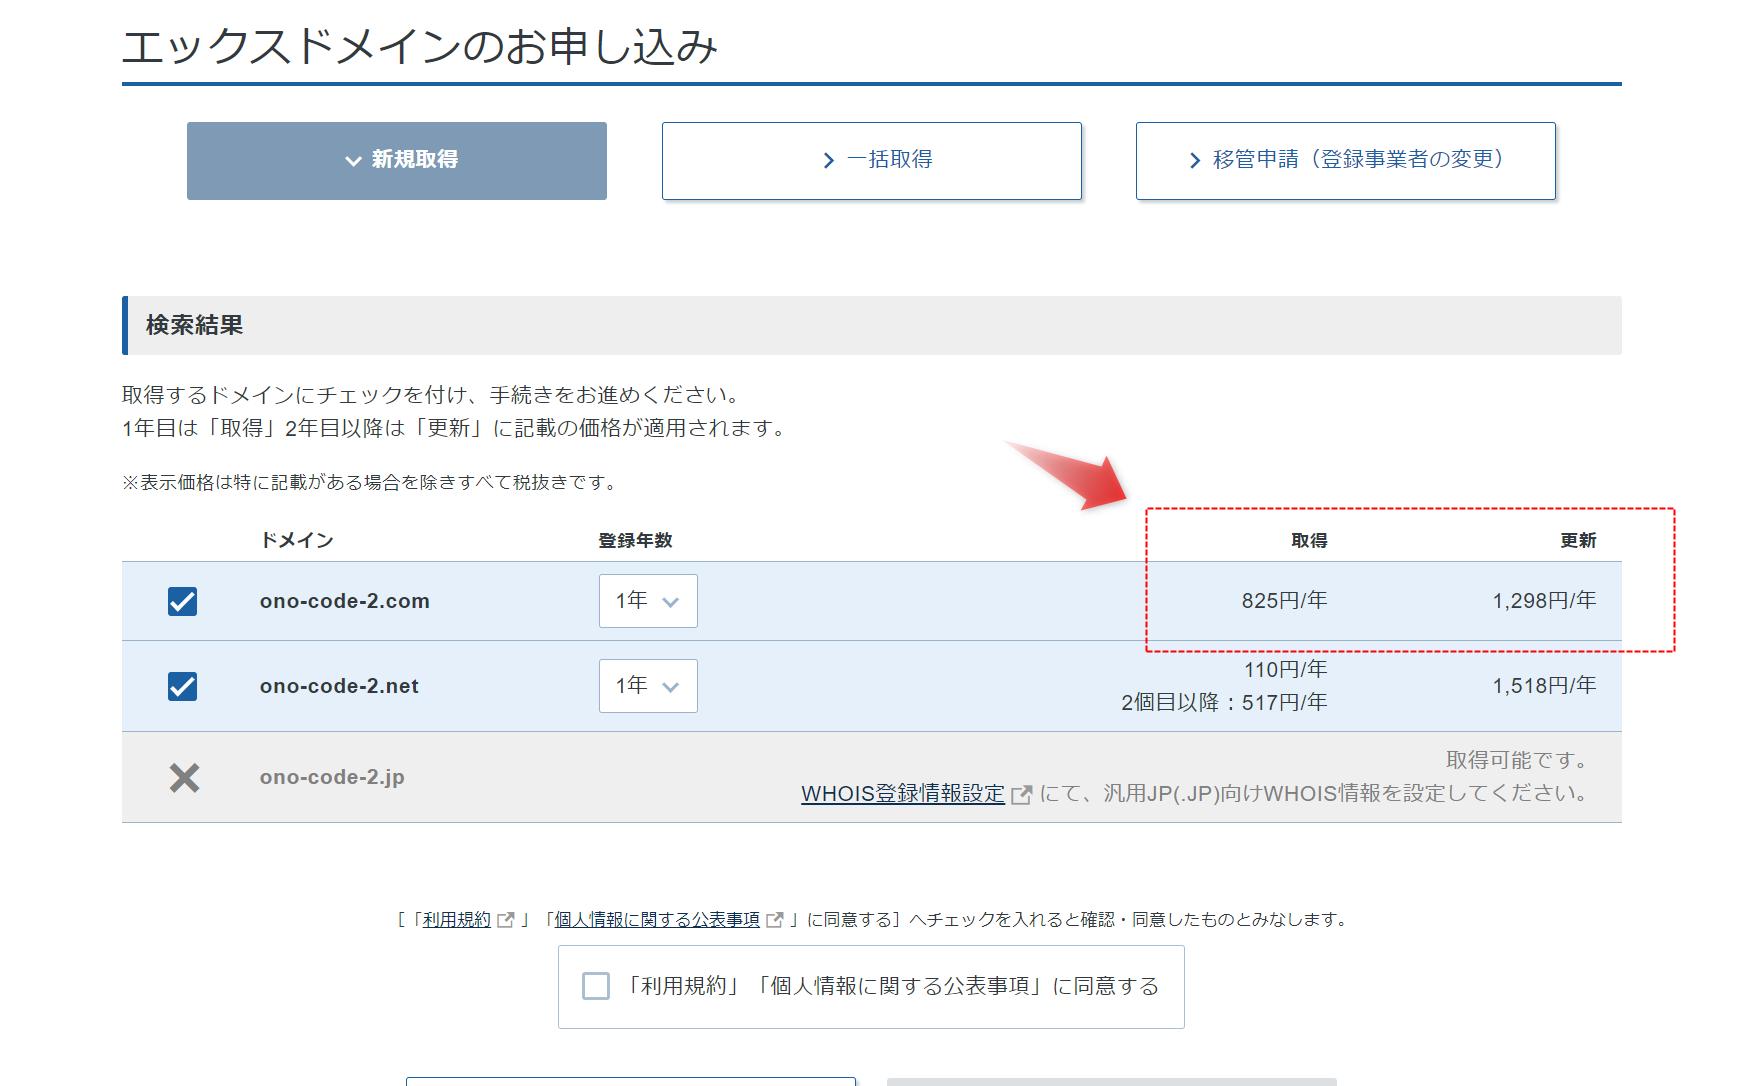 例えば「ono-code-2」のドメインを購入する場合